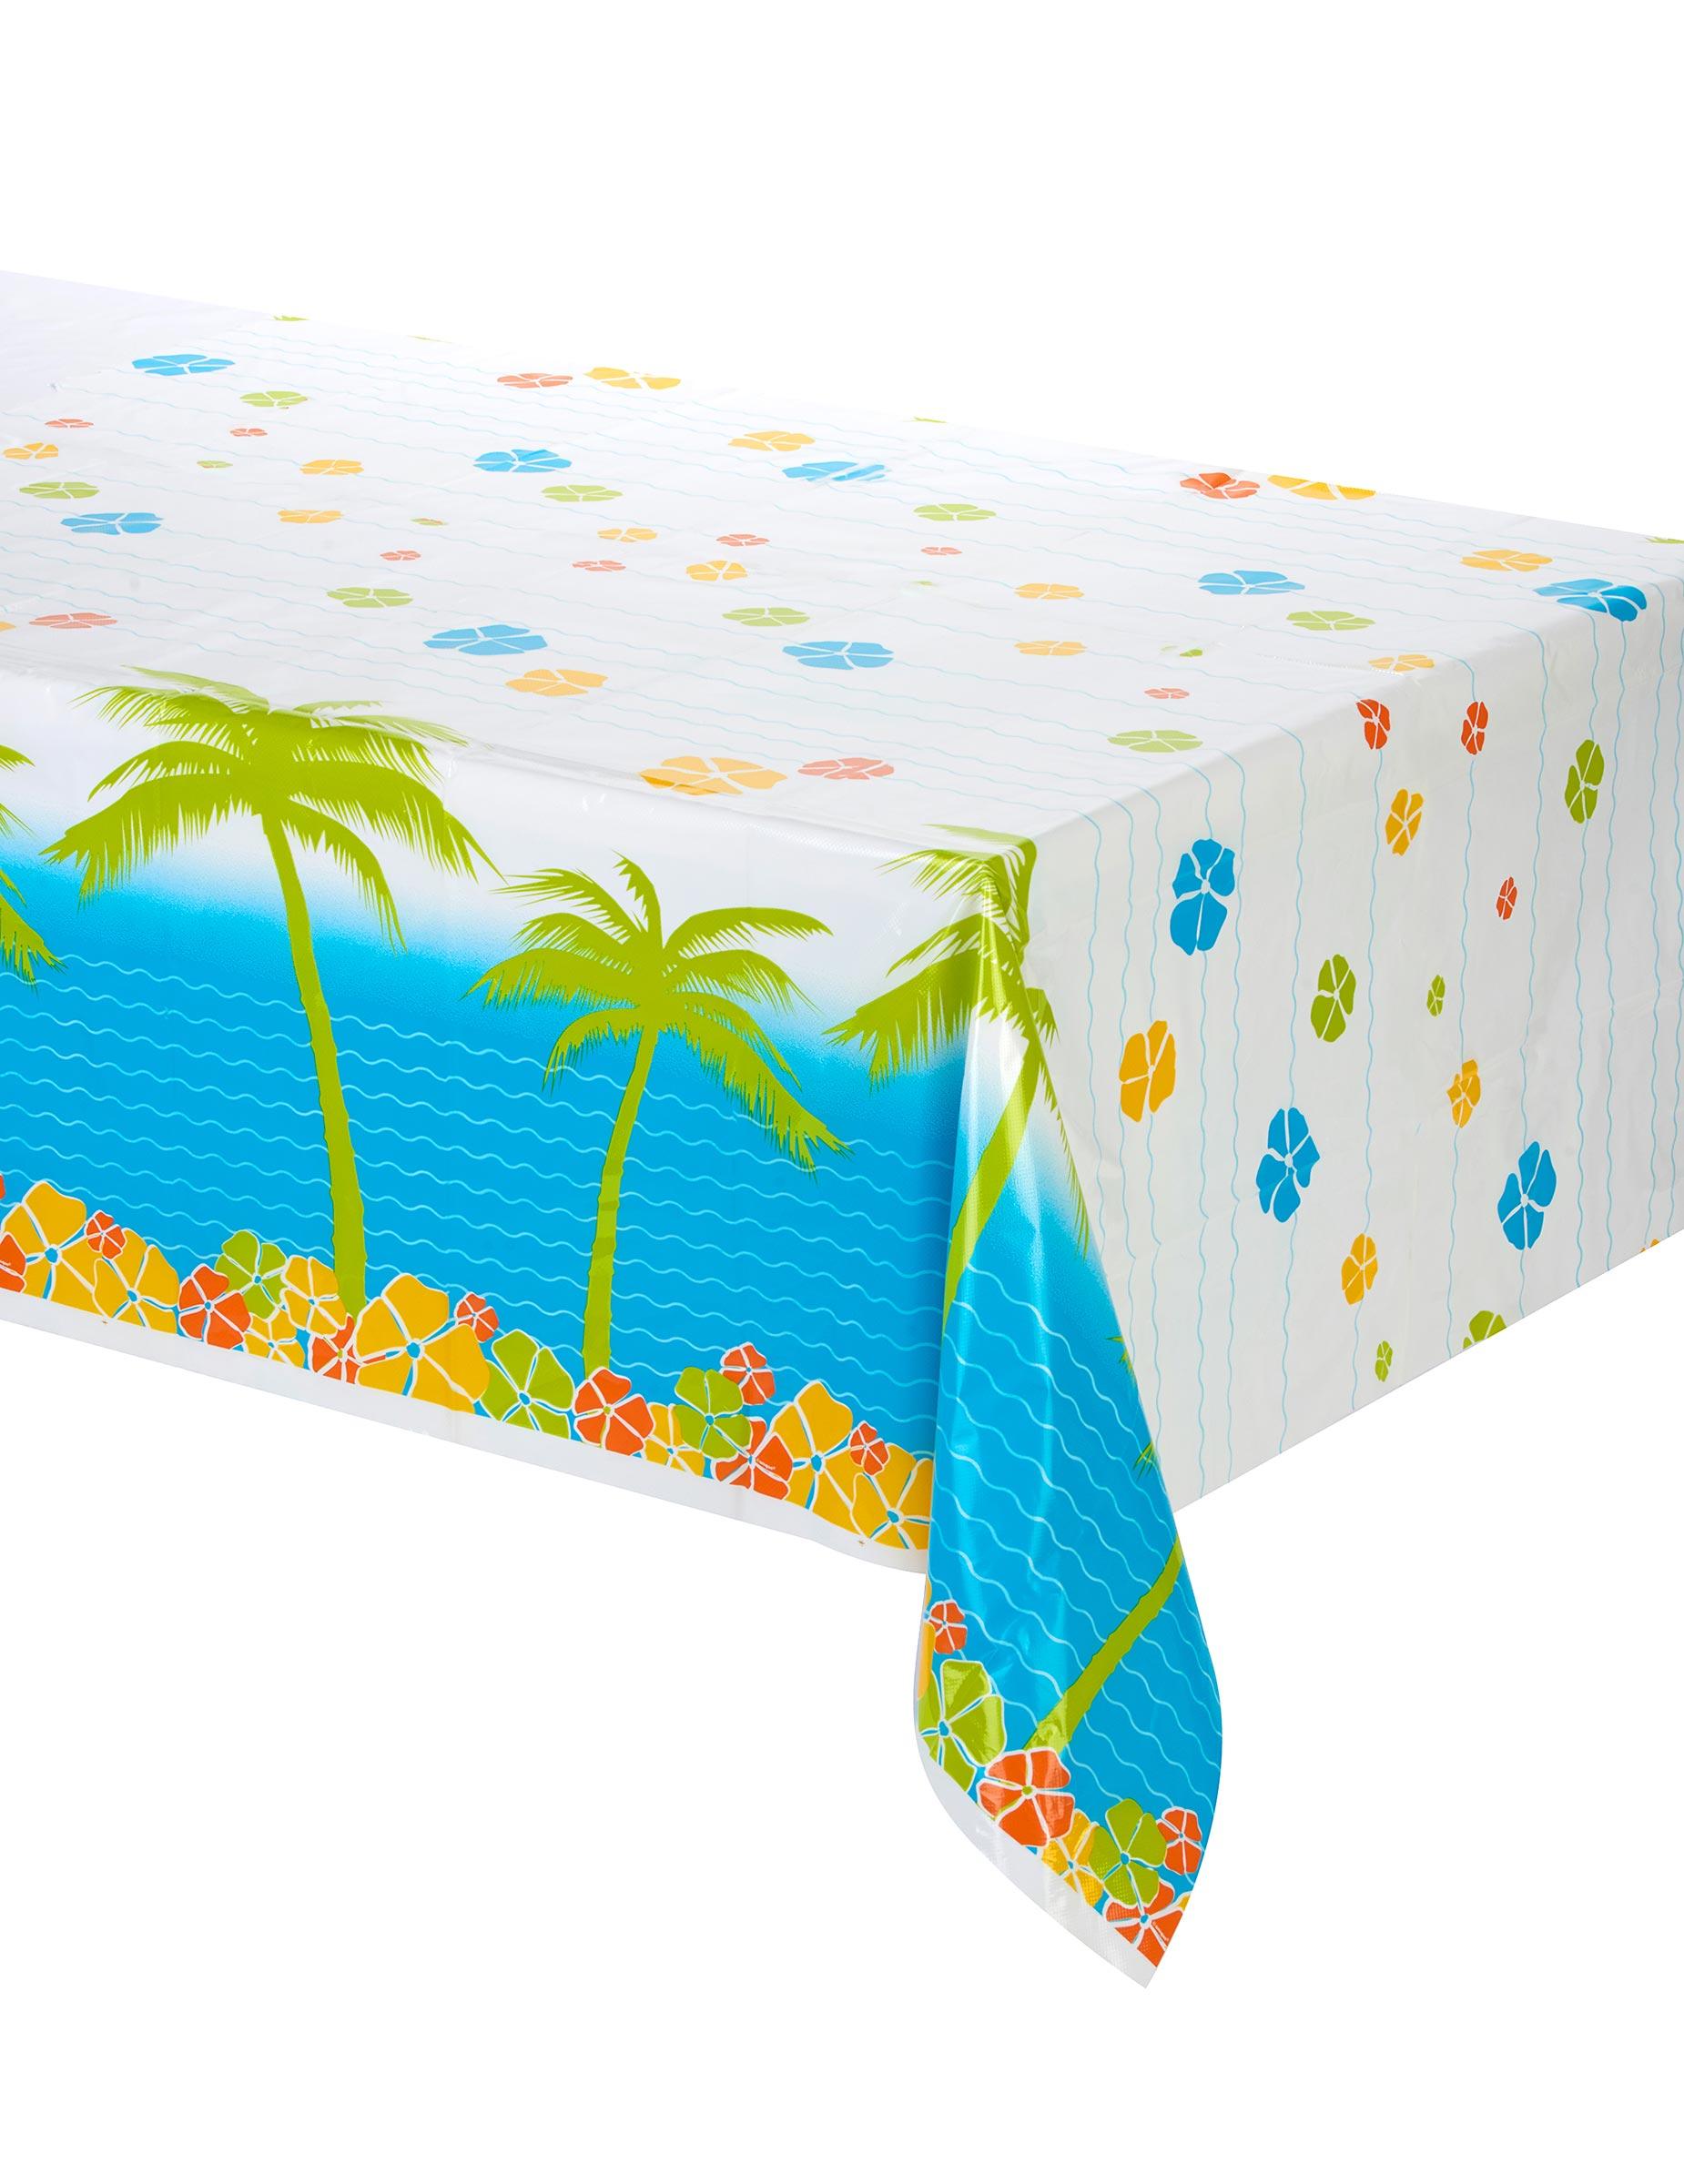 nappe plastique palmiers hawa d coration anniversaire et f tes th me sur vegaoo party. Black Bedroom Furniture Sets. Home Design Ideas